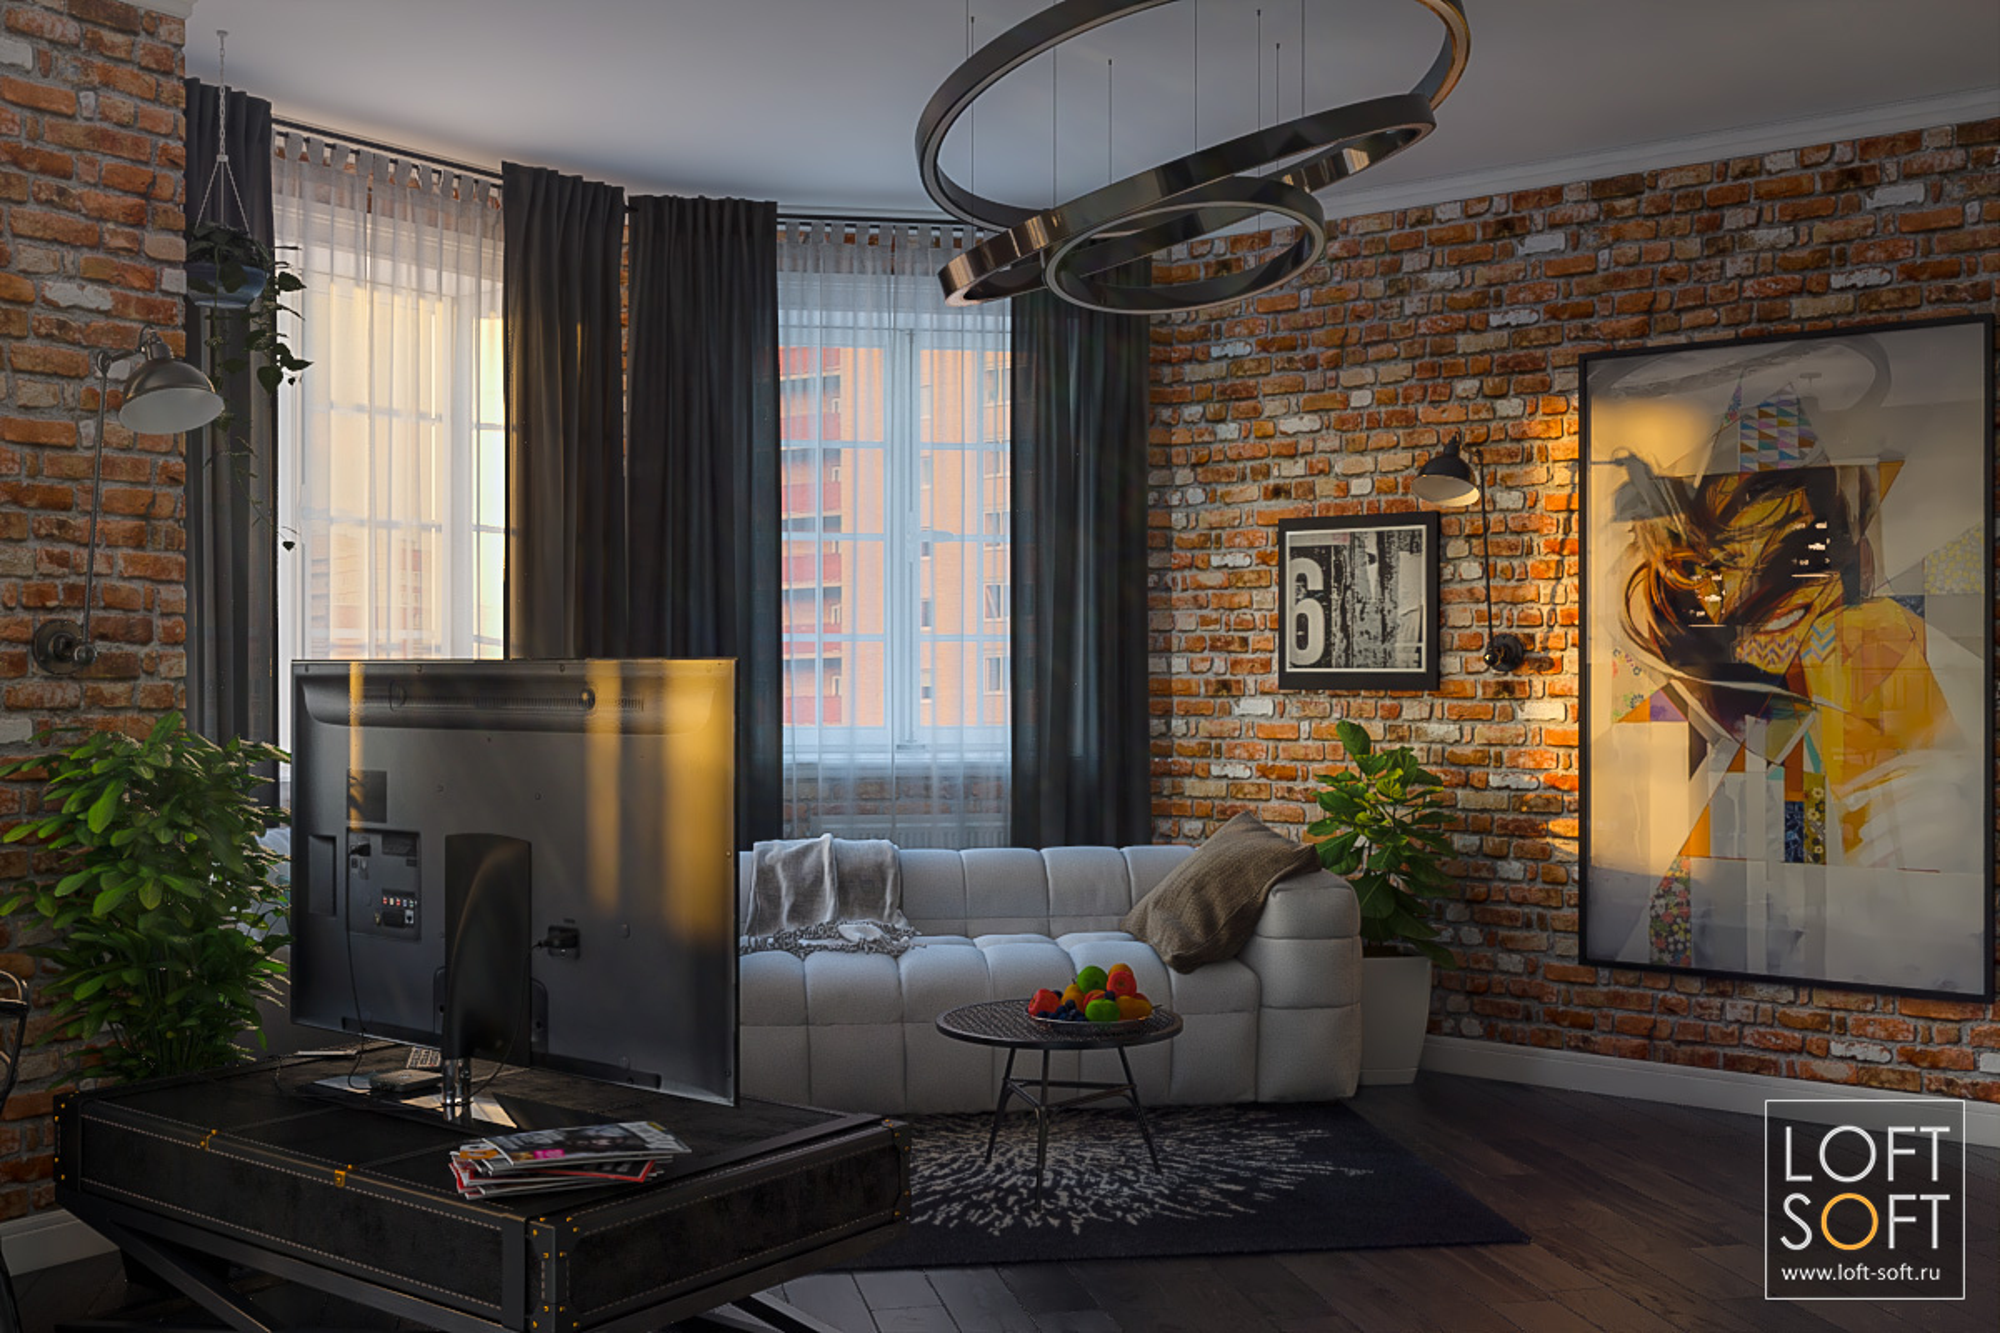 Дизайн квартиры встиле лофт. Квартира студия дизайн интерьера.